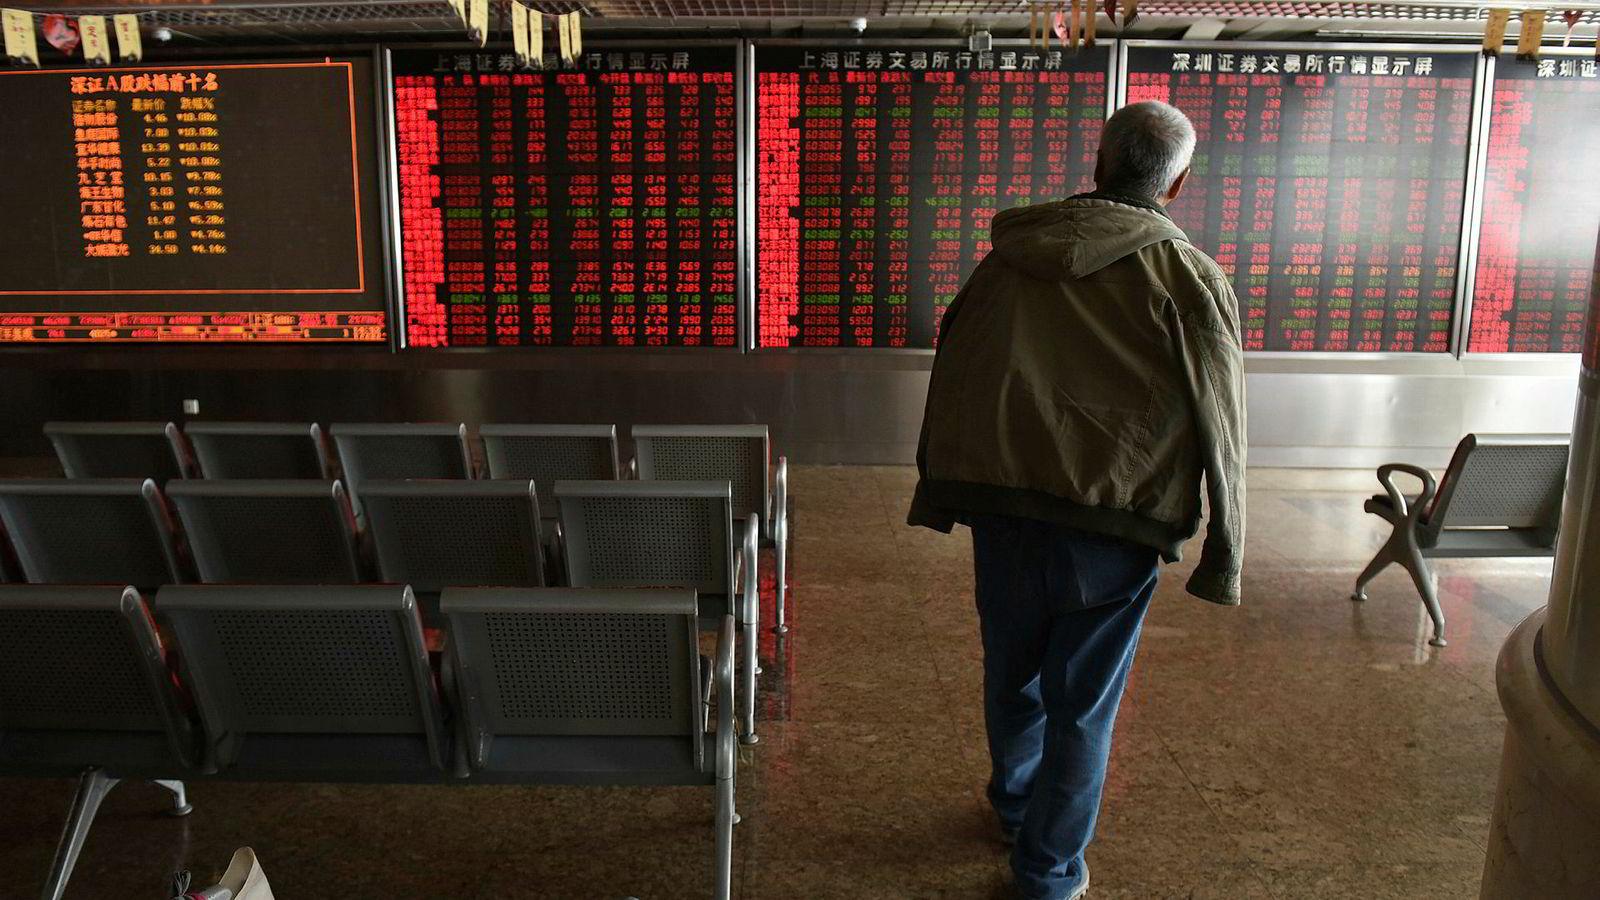 Kinesiske småinvestorer er blitt påført store tap i år. Nå forsøker myndighetene å stabilisere aksjemarkedet og skape ny optimisme. Nye tiltak skal sørge for at små- og mellomstore selskaper klarer å stå imot handelskrigen med USA.